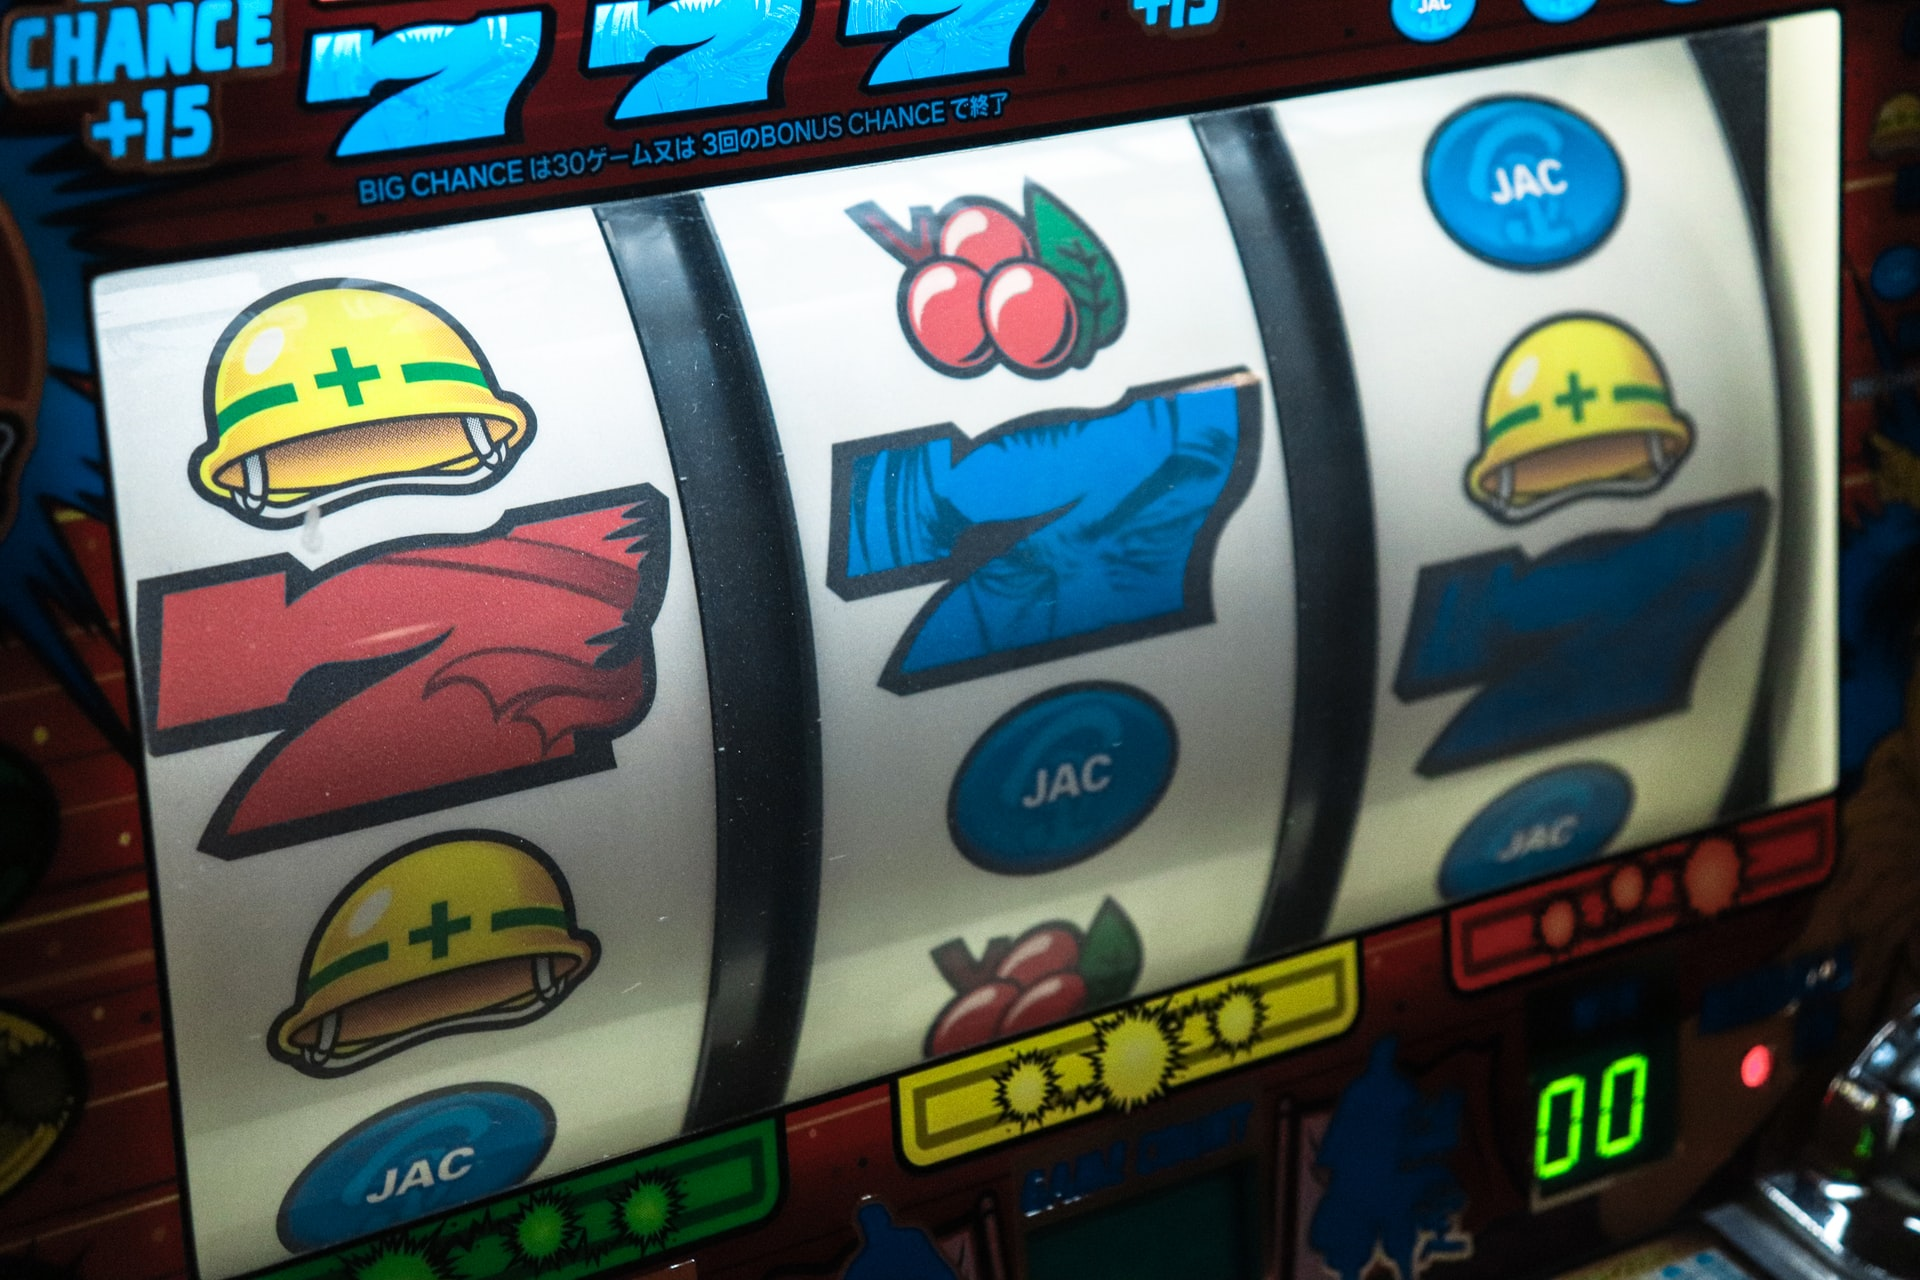 gambling slots pexels